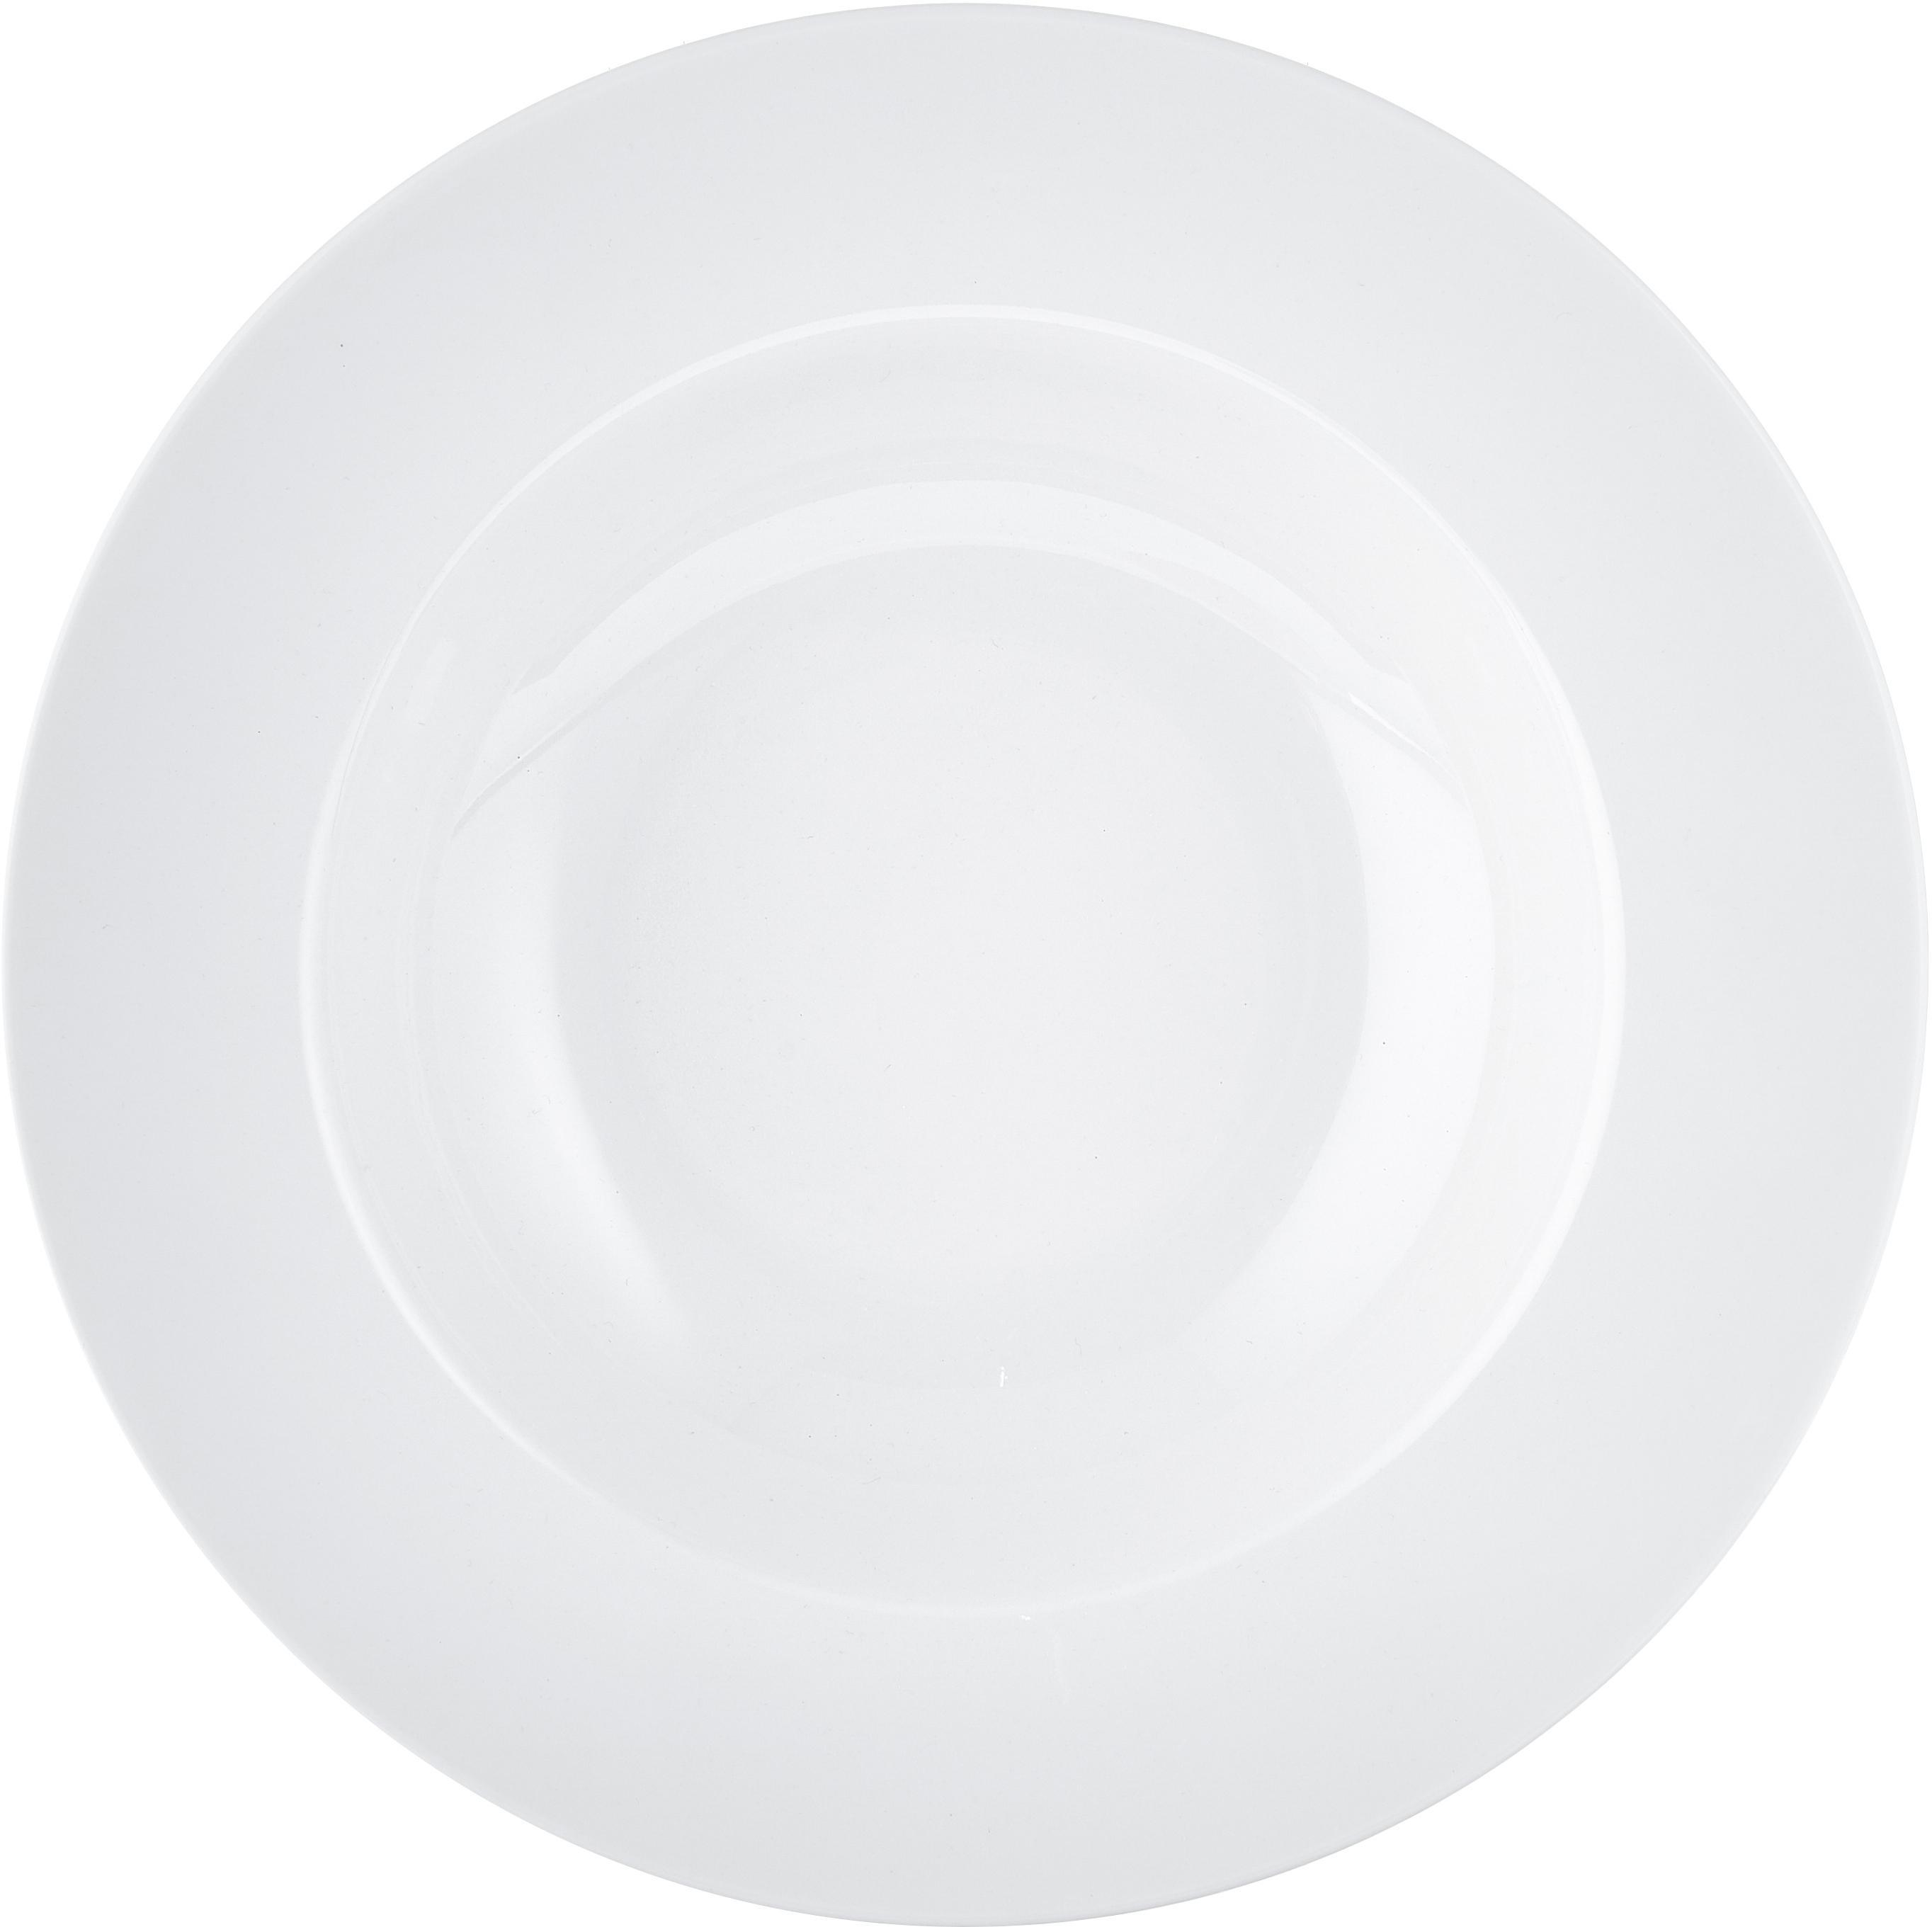 Serviesset For Me van porselein, 4 personen (8-delig), Porselein, Gebroken wit, Set met verschillende formaten